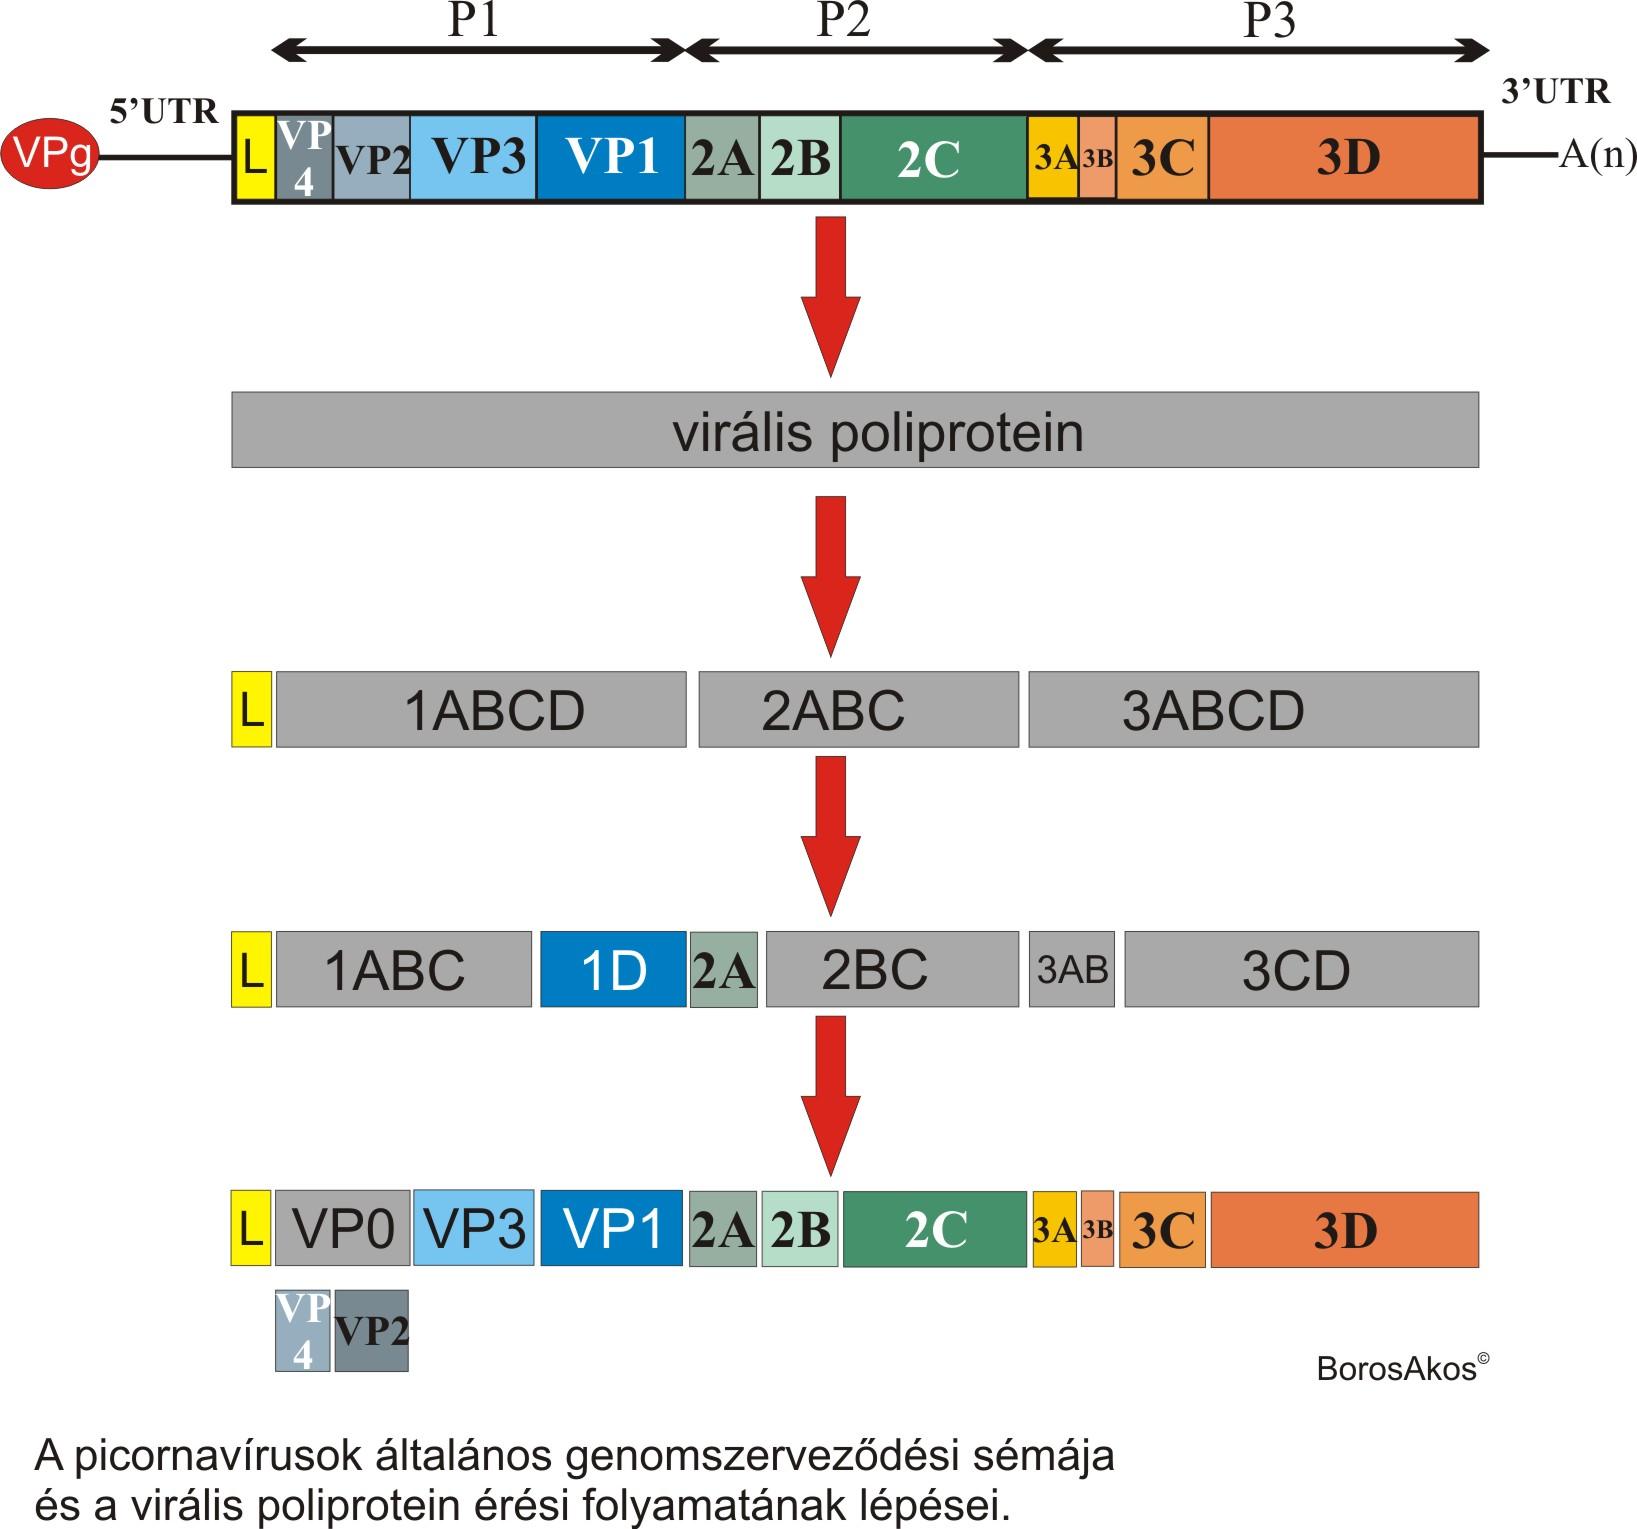 Picornaviridae_genome_CLEAVAGE.jpg